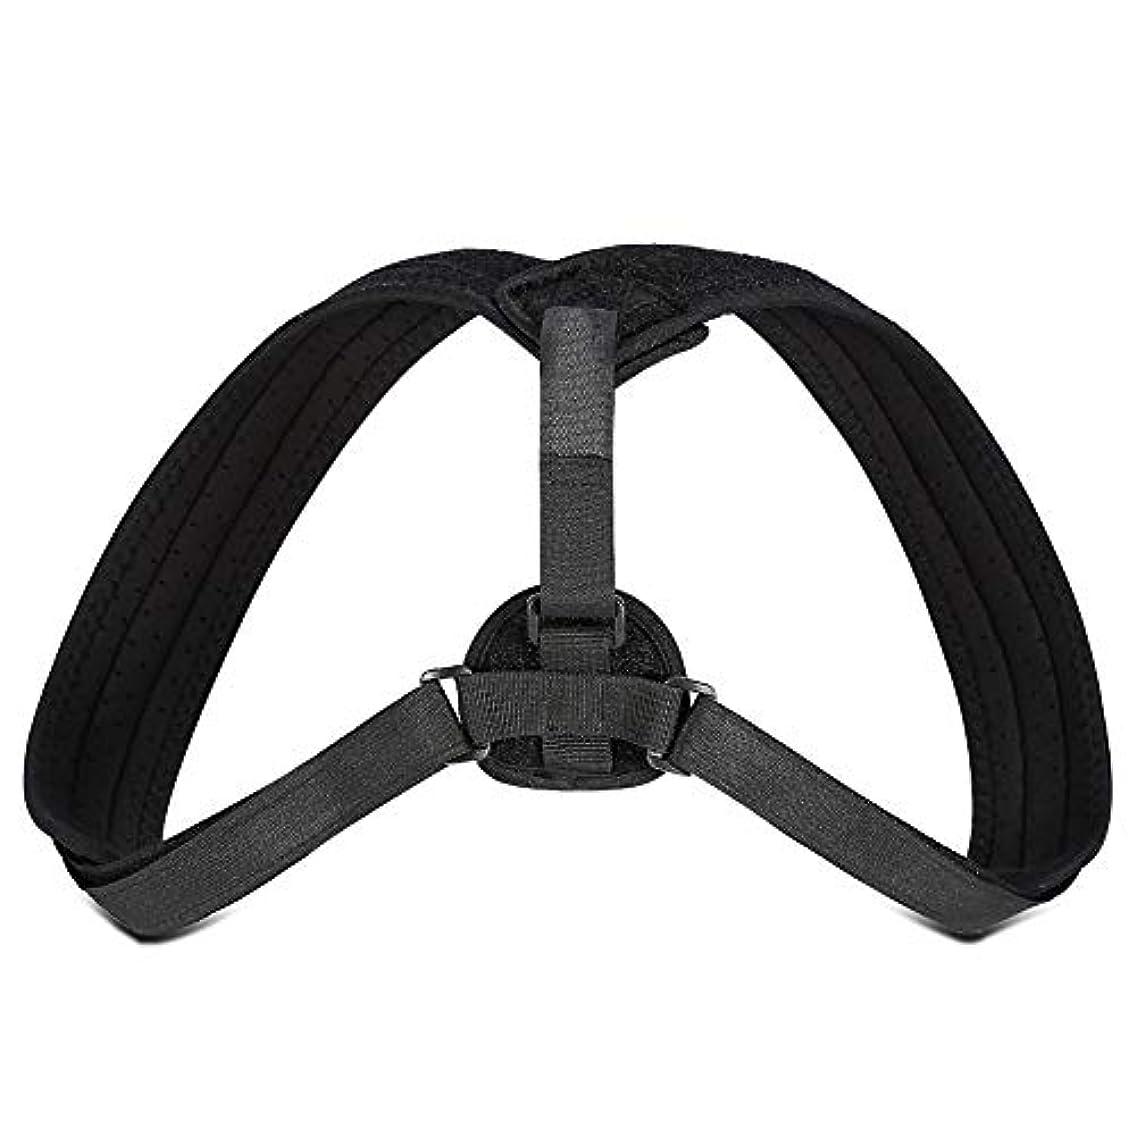 毛皮急ぐハリウッドYosoo Posture Corrector - ブレースアッパーバックネックショルダーサポートアジャスタブルストラップ、肩の体位補正、整形外科用こぶの緩和のための包帯矯正、ティーン用